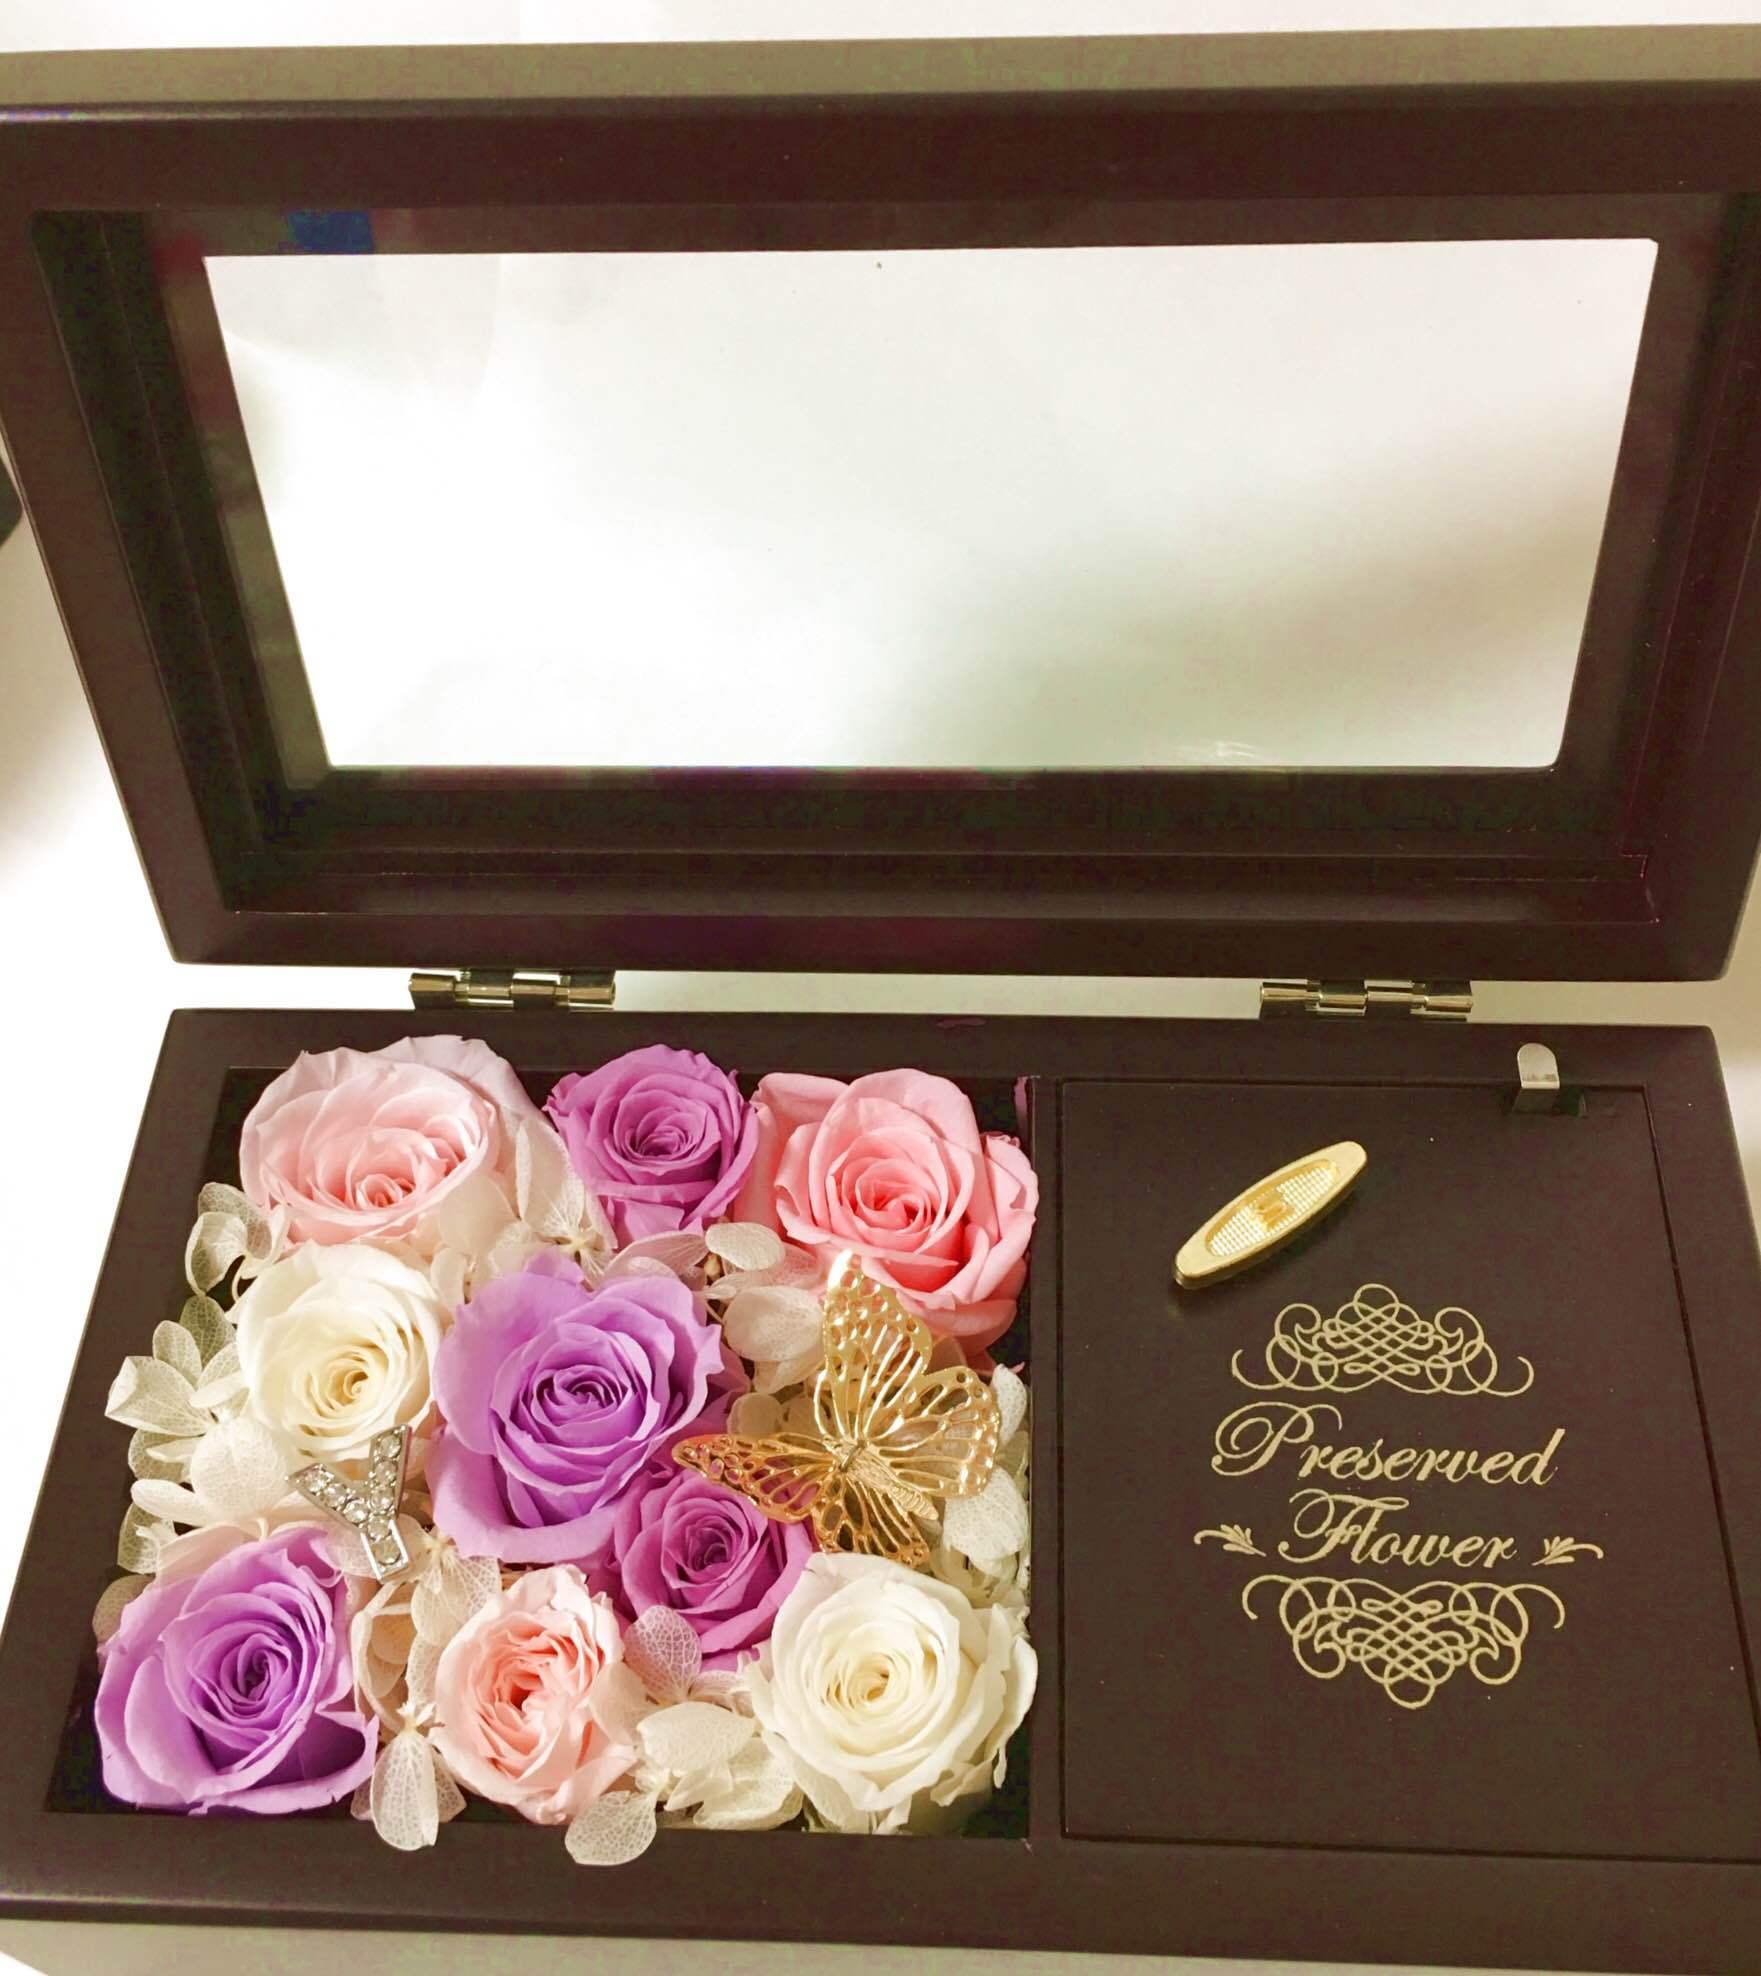 【お誕生日に♪】オルゴール フラワーアレンジ Purple&White【プレゼント】